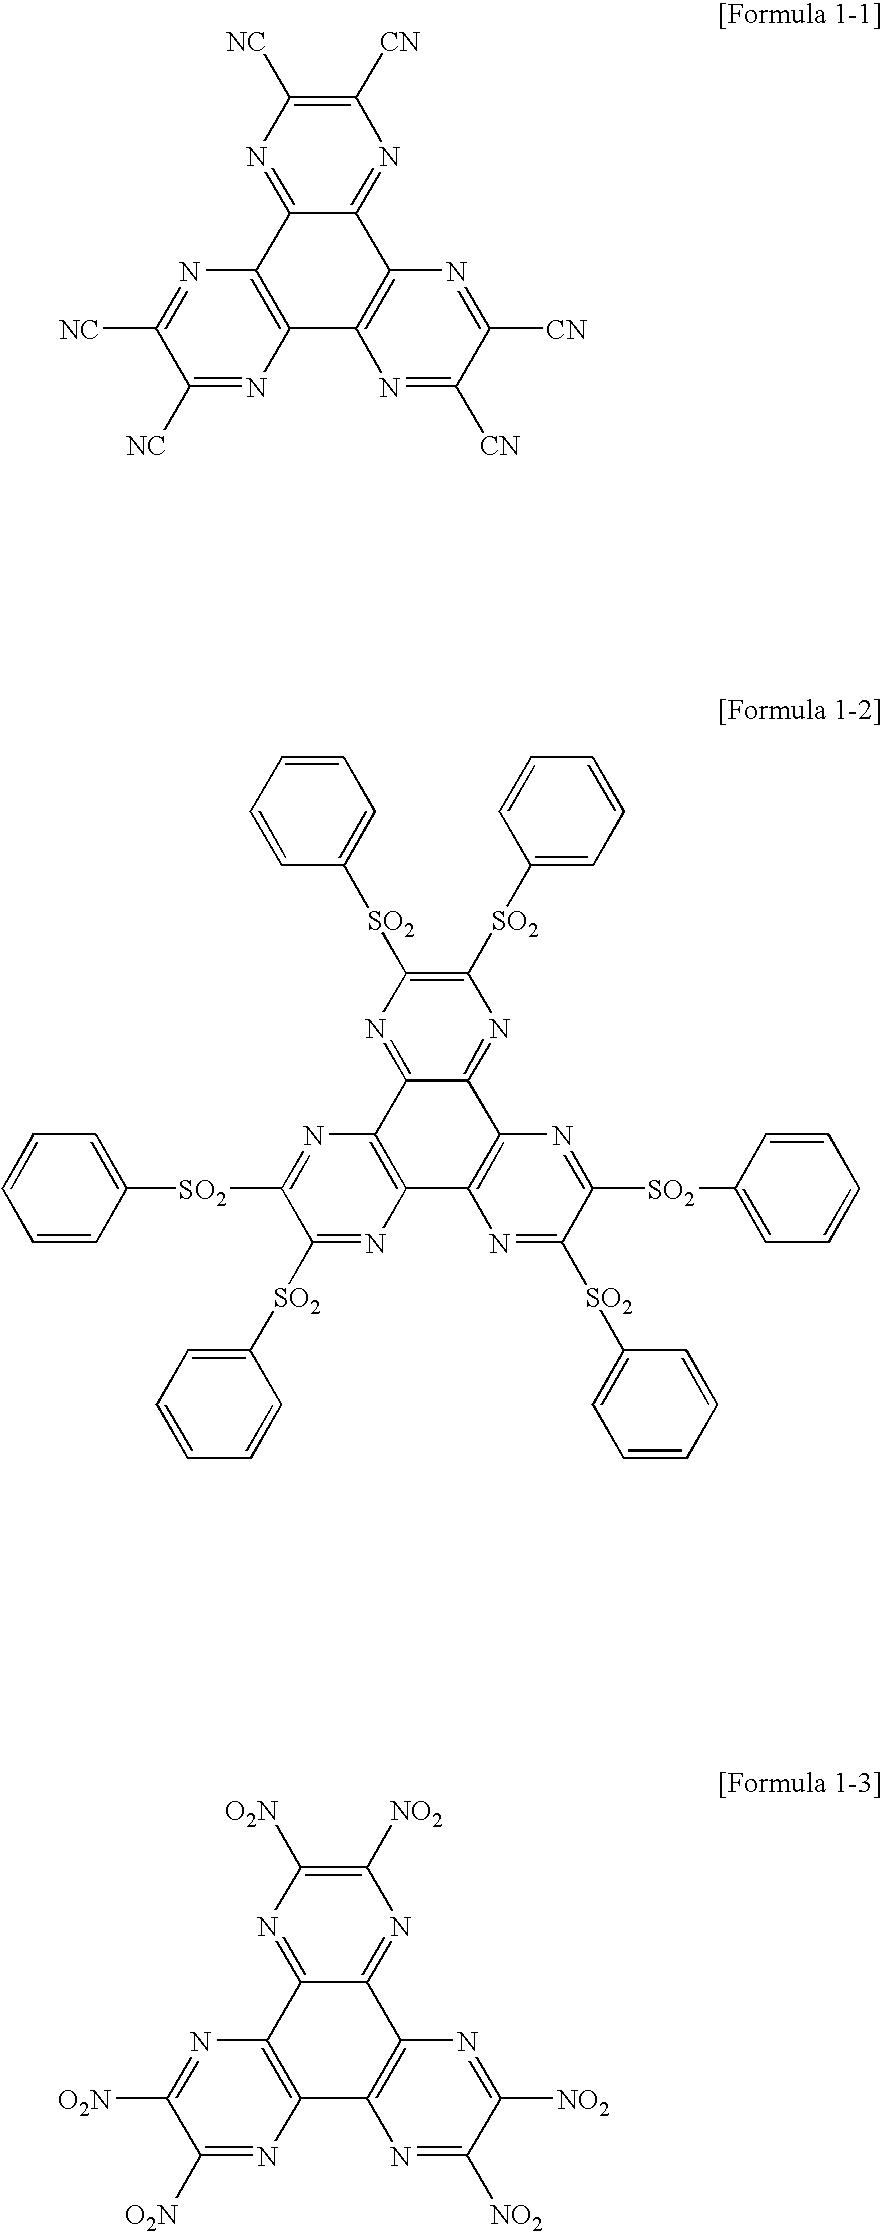 Figure US20090009101A1-20090108-C00009